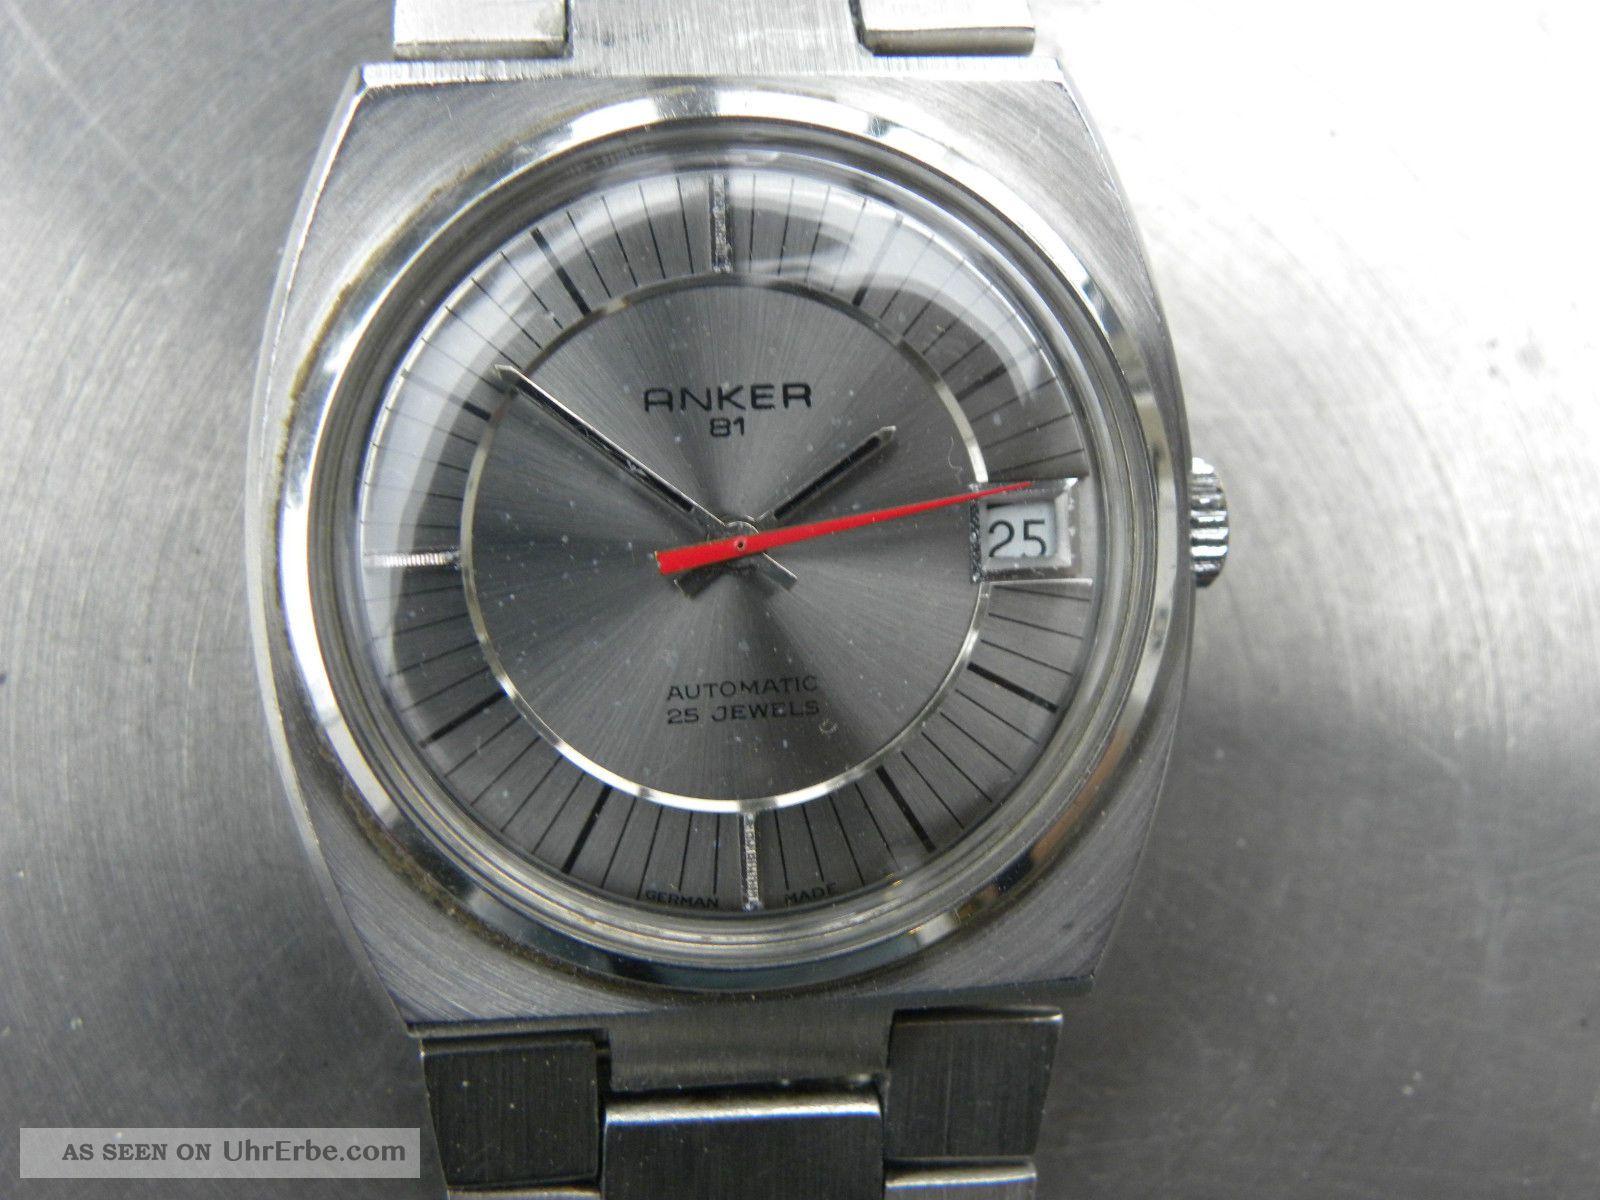 Schöne Anker81 Atomatic 25 Jewels Armbanduhren Bild